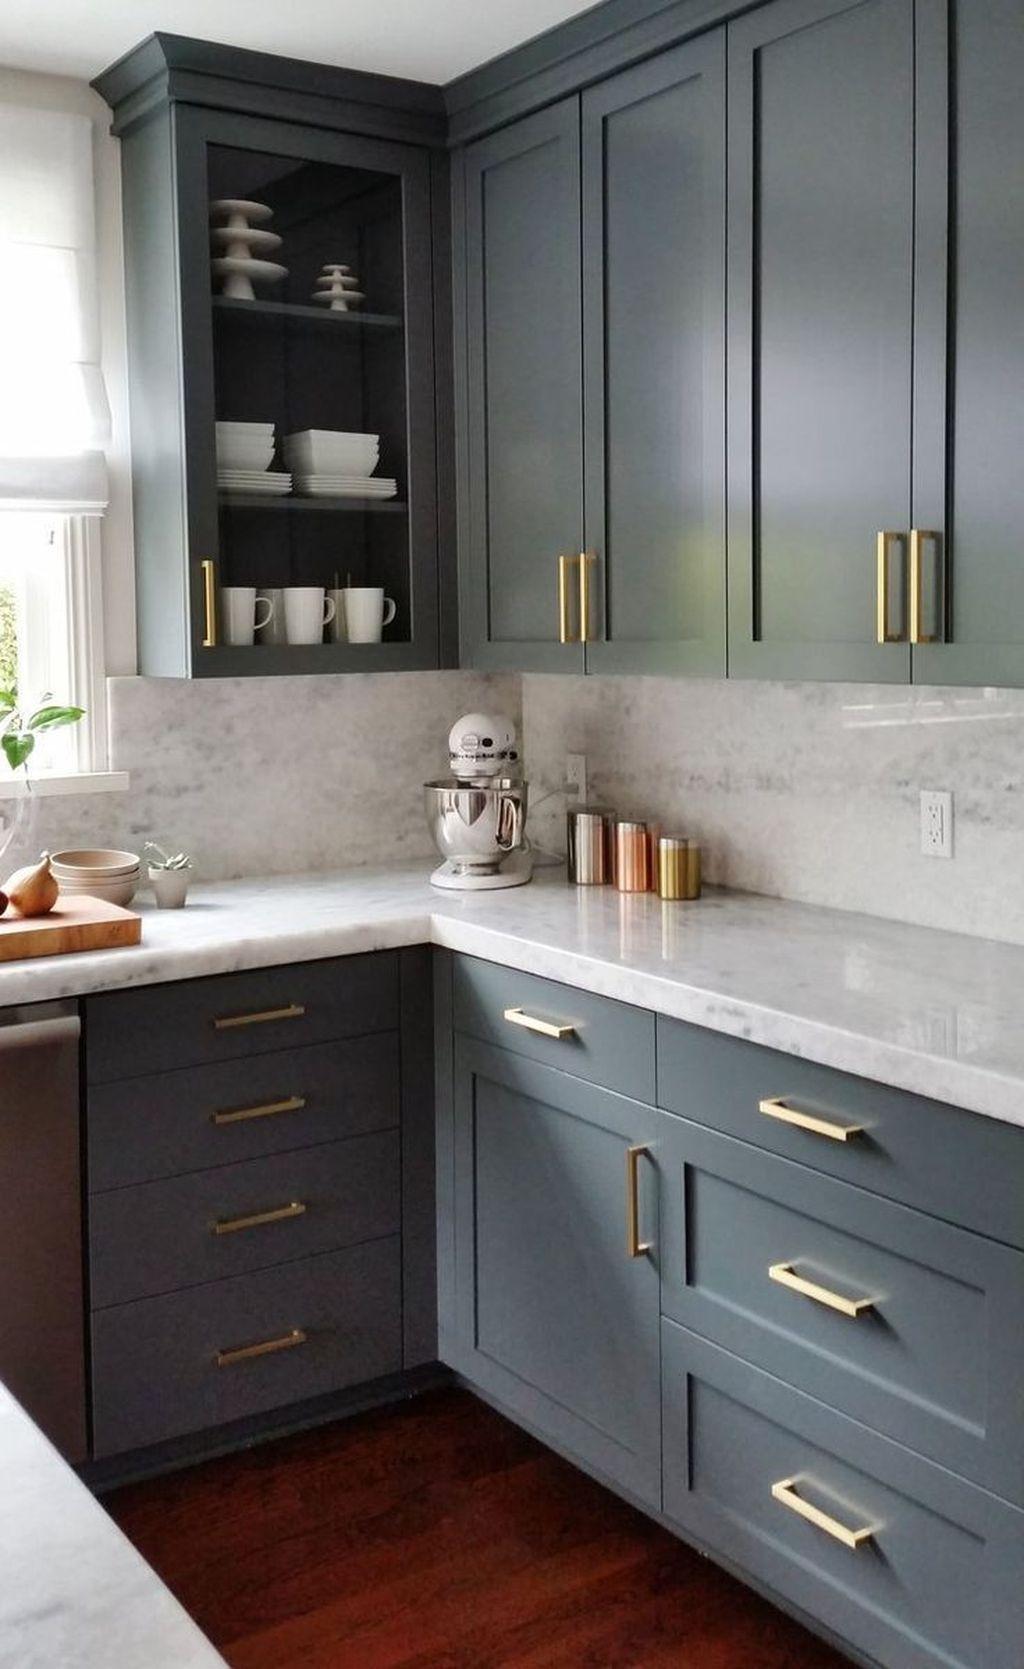 39 idées créatives d'armoires de cuisine grises - HOMYFEED #armoires #creatives #cuisine #grises #ho